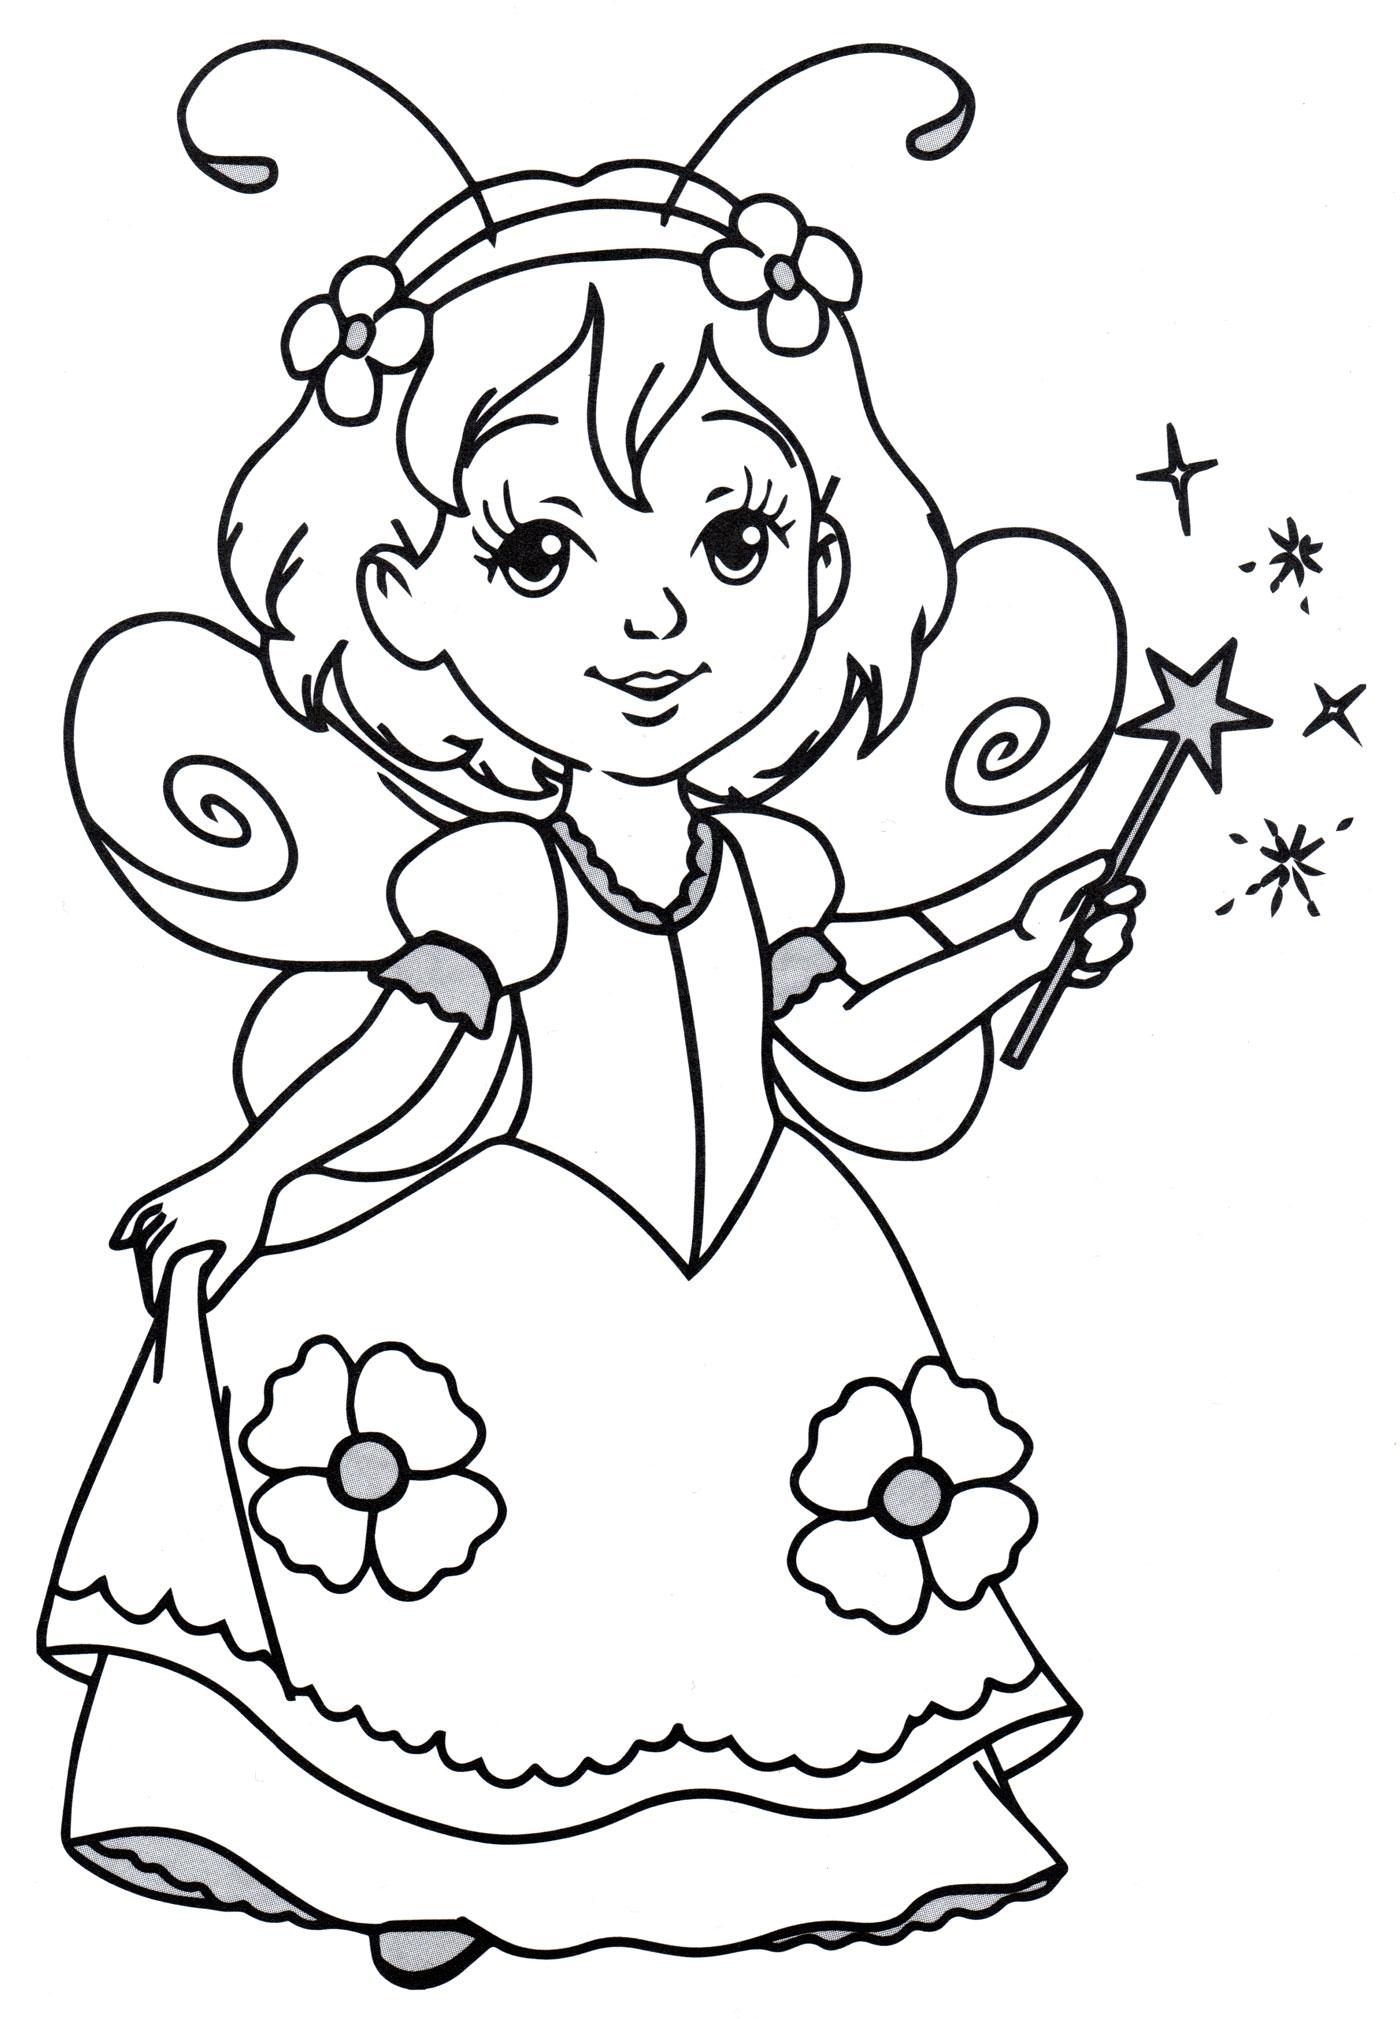 Раскраска Принцесса в костюме феи - распечатать бесплатно